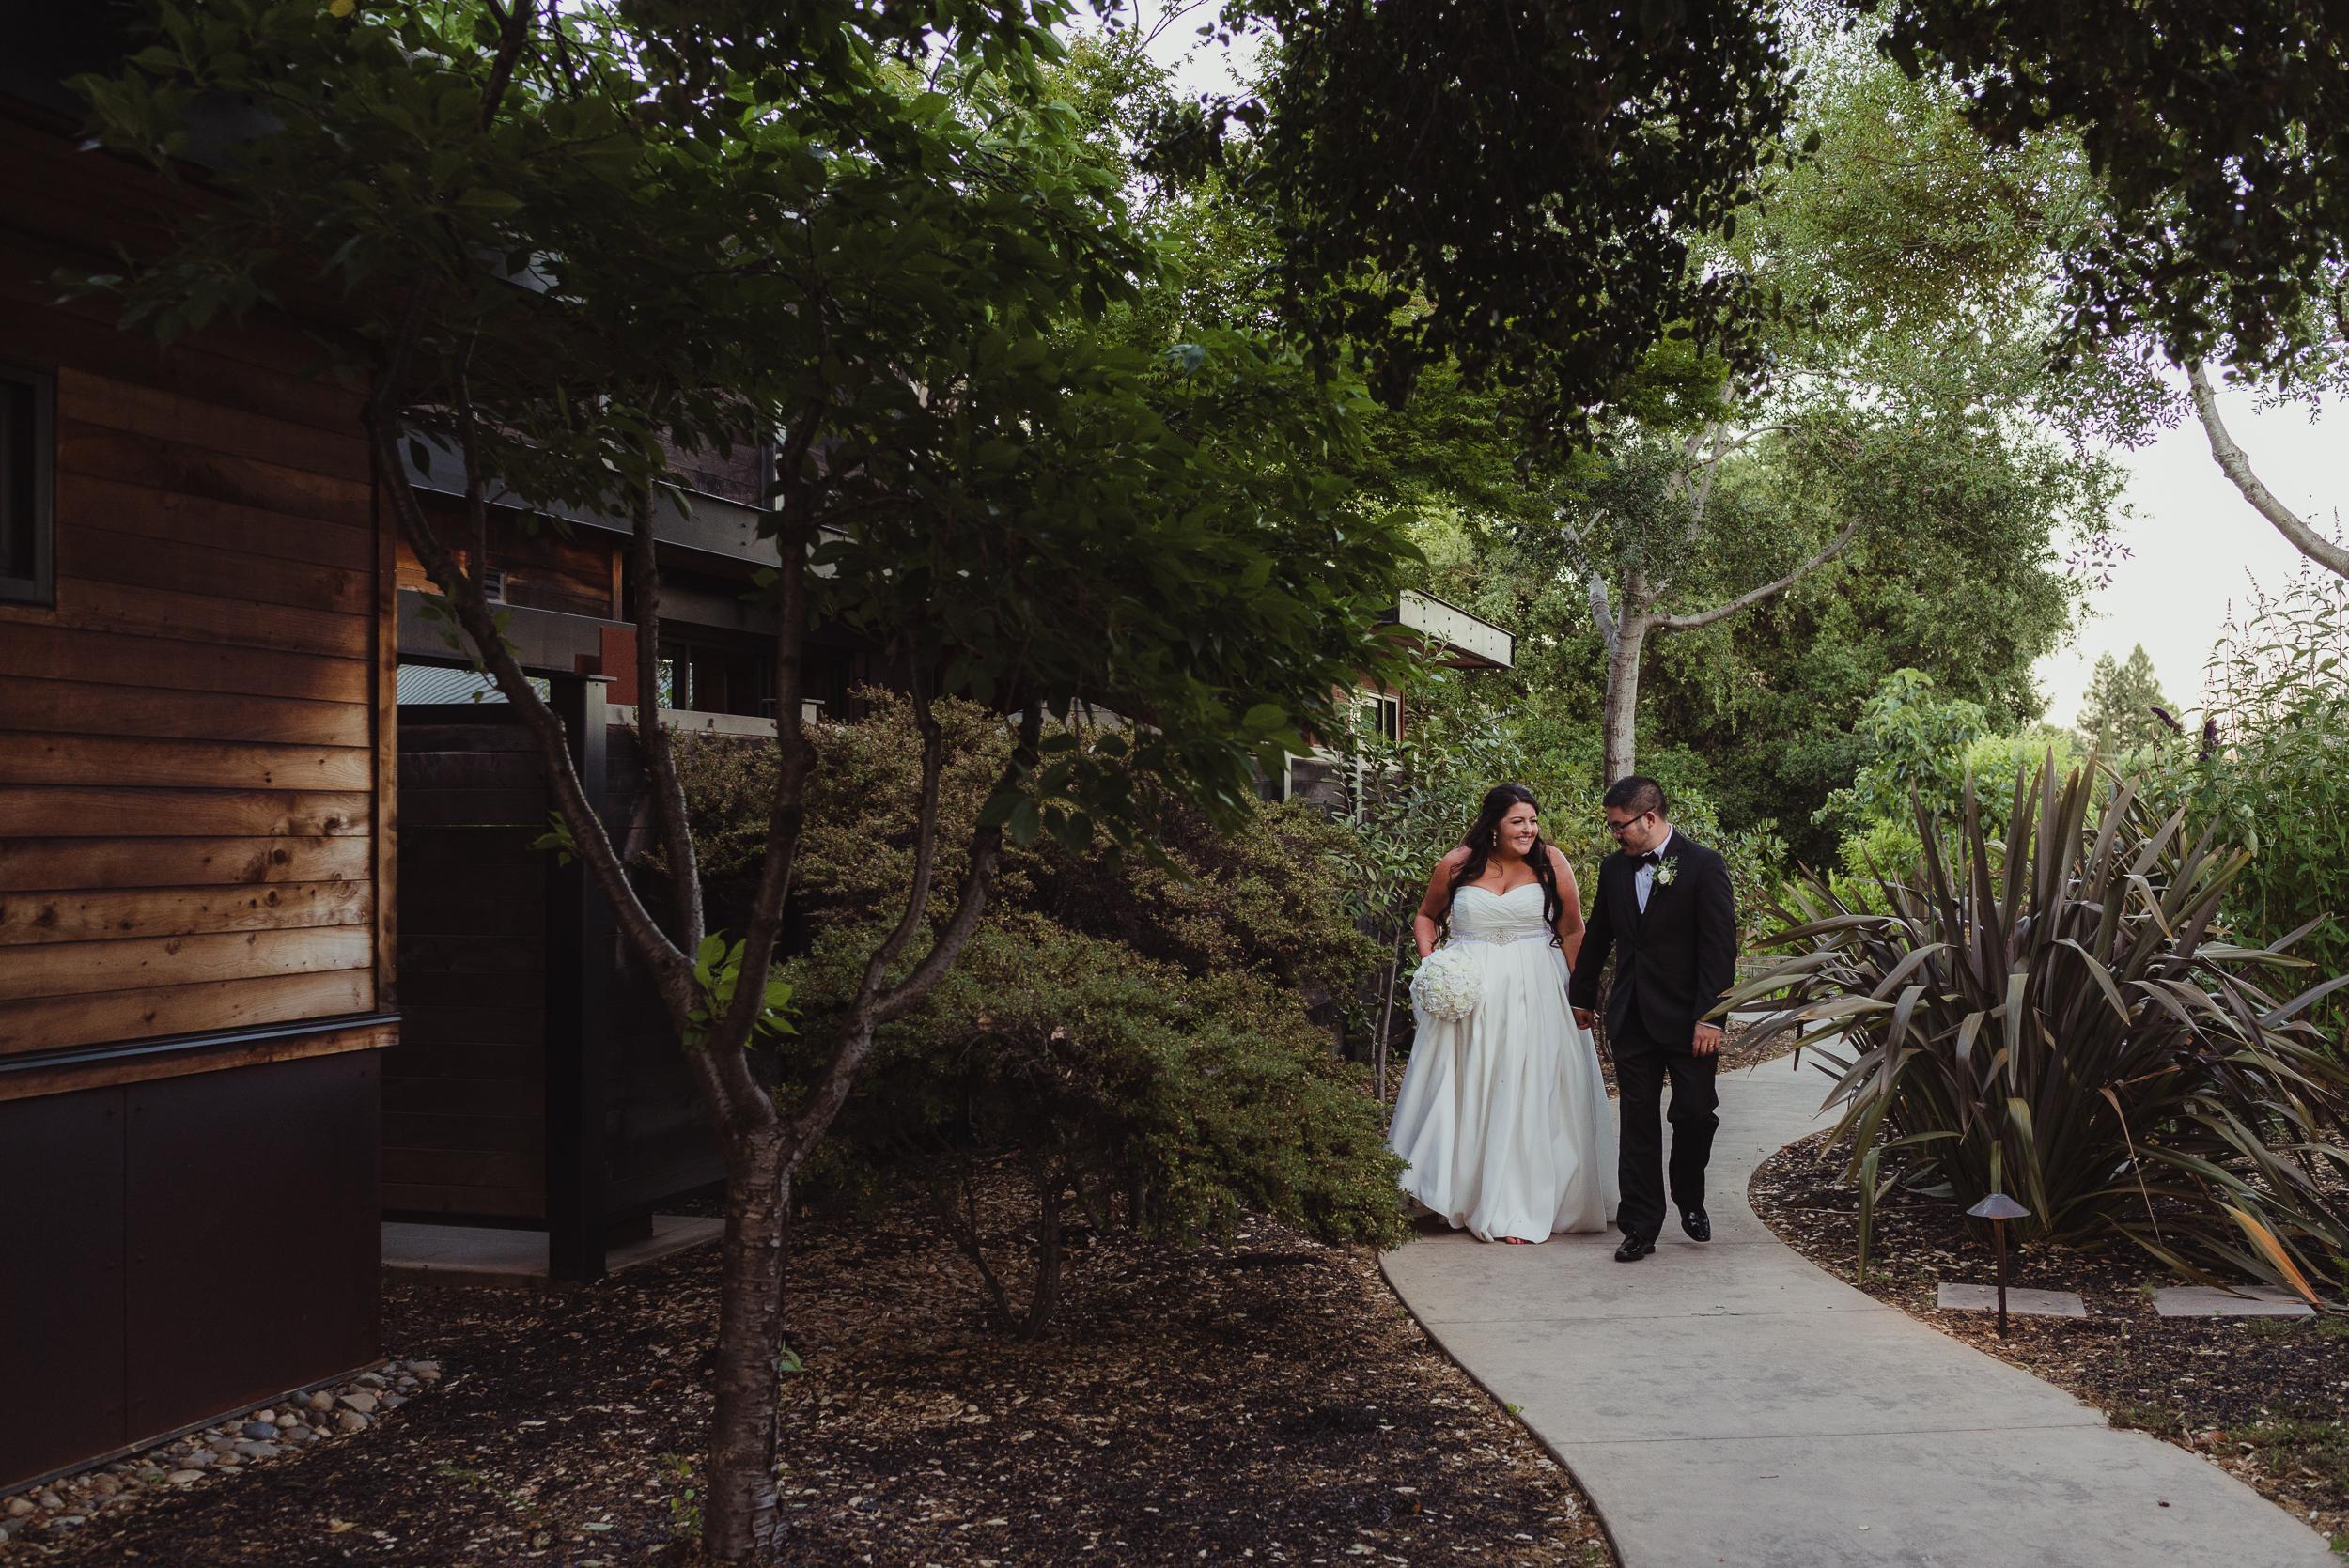 34-bardessono-yountville-napa-wedding-vivianchen-351.jpg